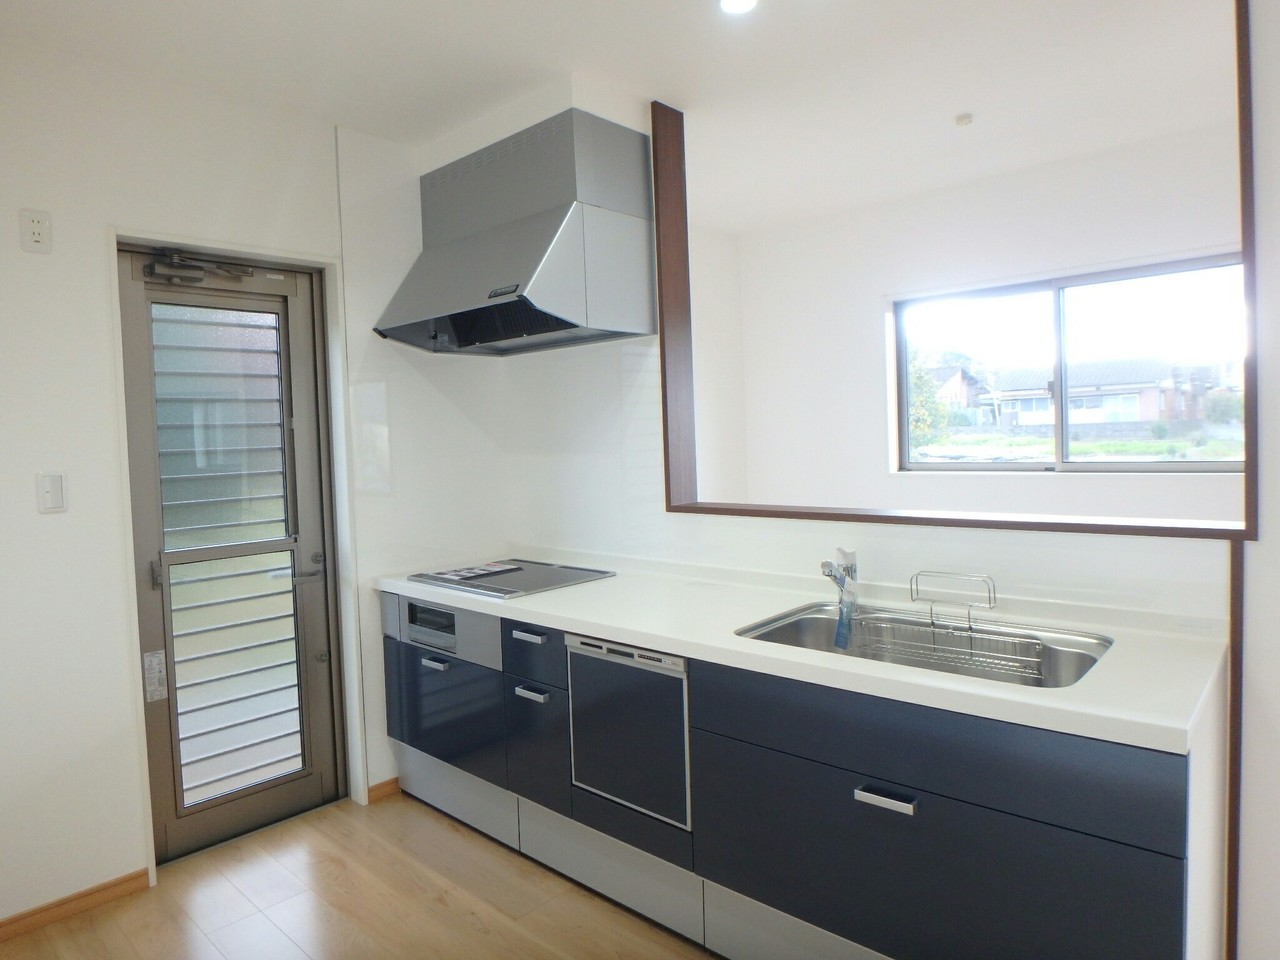 広いシステムキッチンには、IHと食器洗浄機を完備。 忙しい主婦の味方です♪ 広いリビングを見渡せるカウンターキッチンは、嬉しいですね。